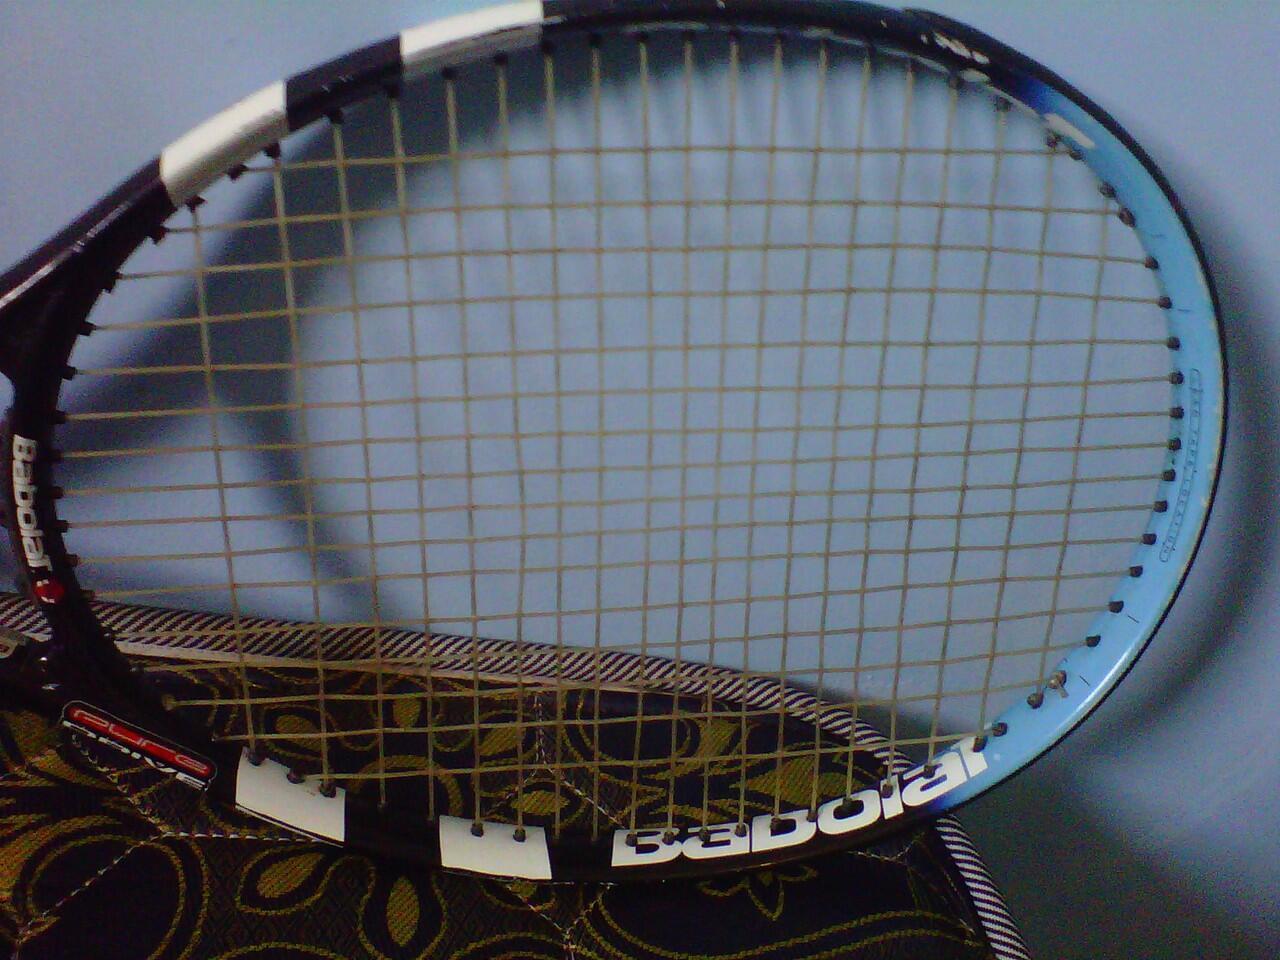 Jual Raket Tenis Babolat